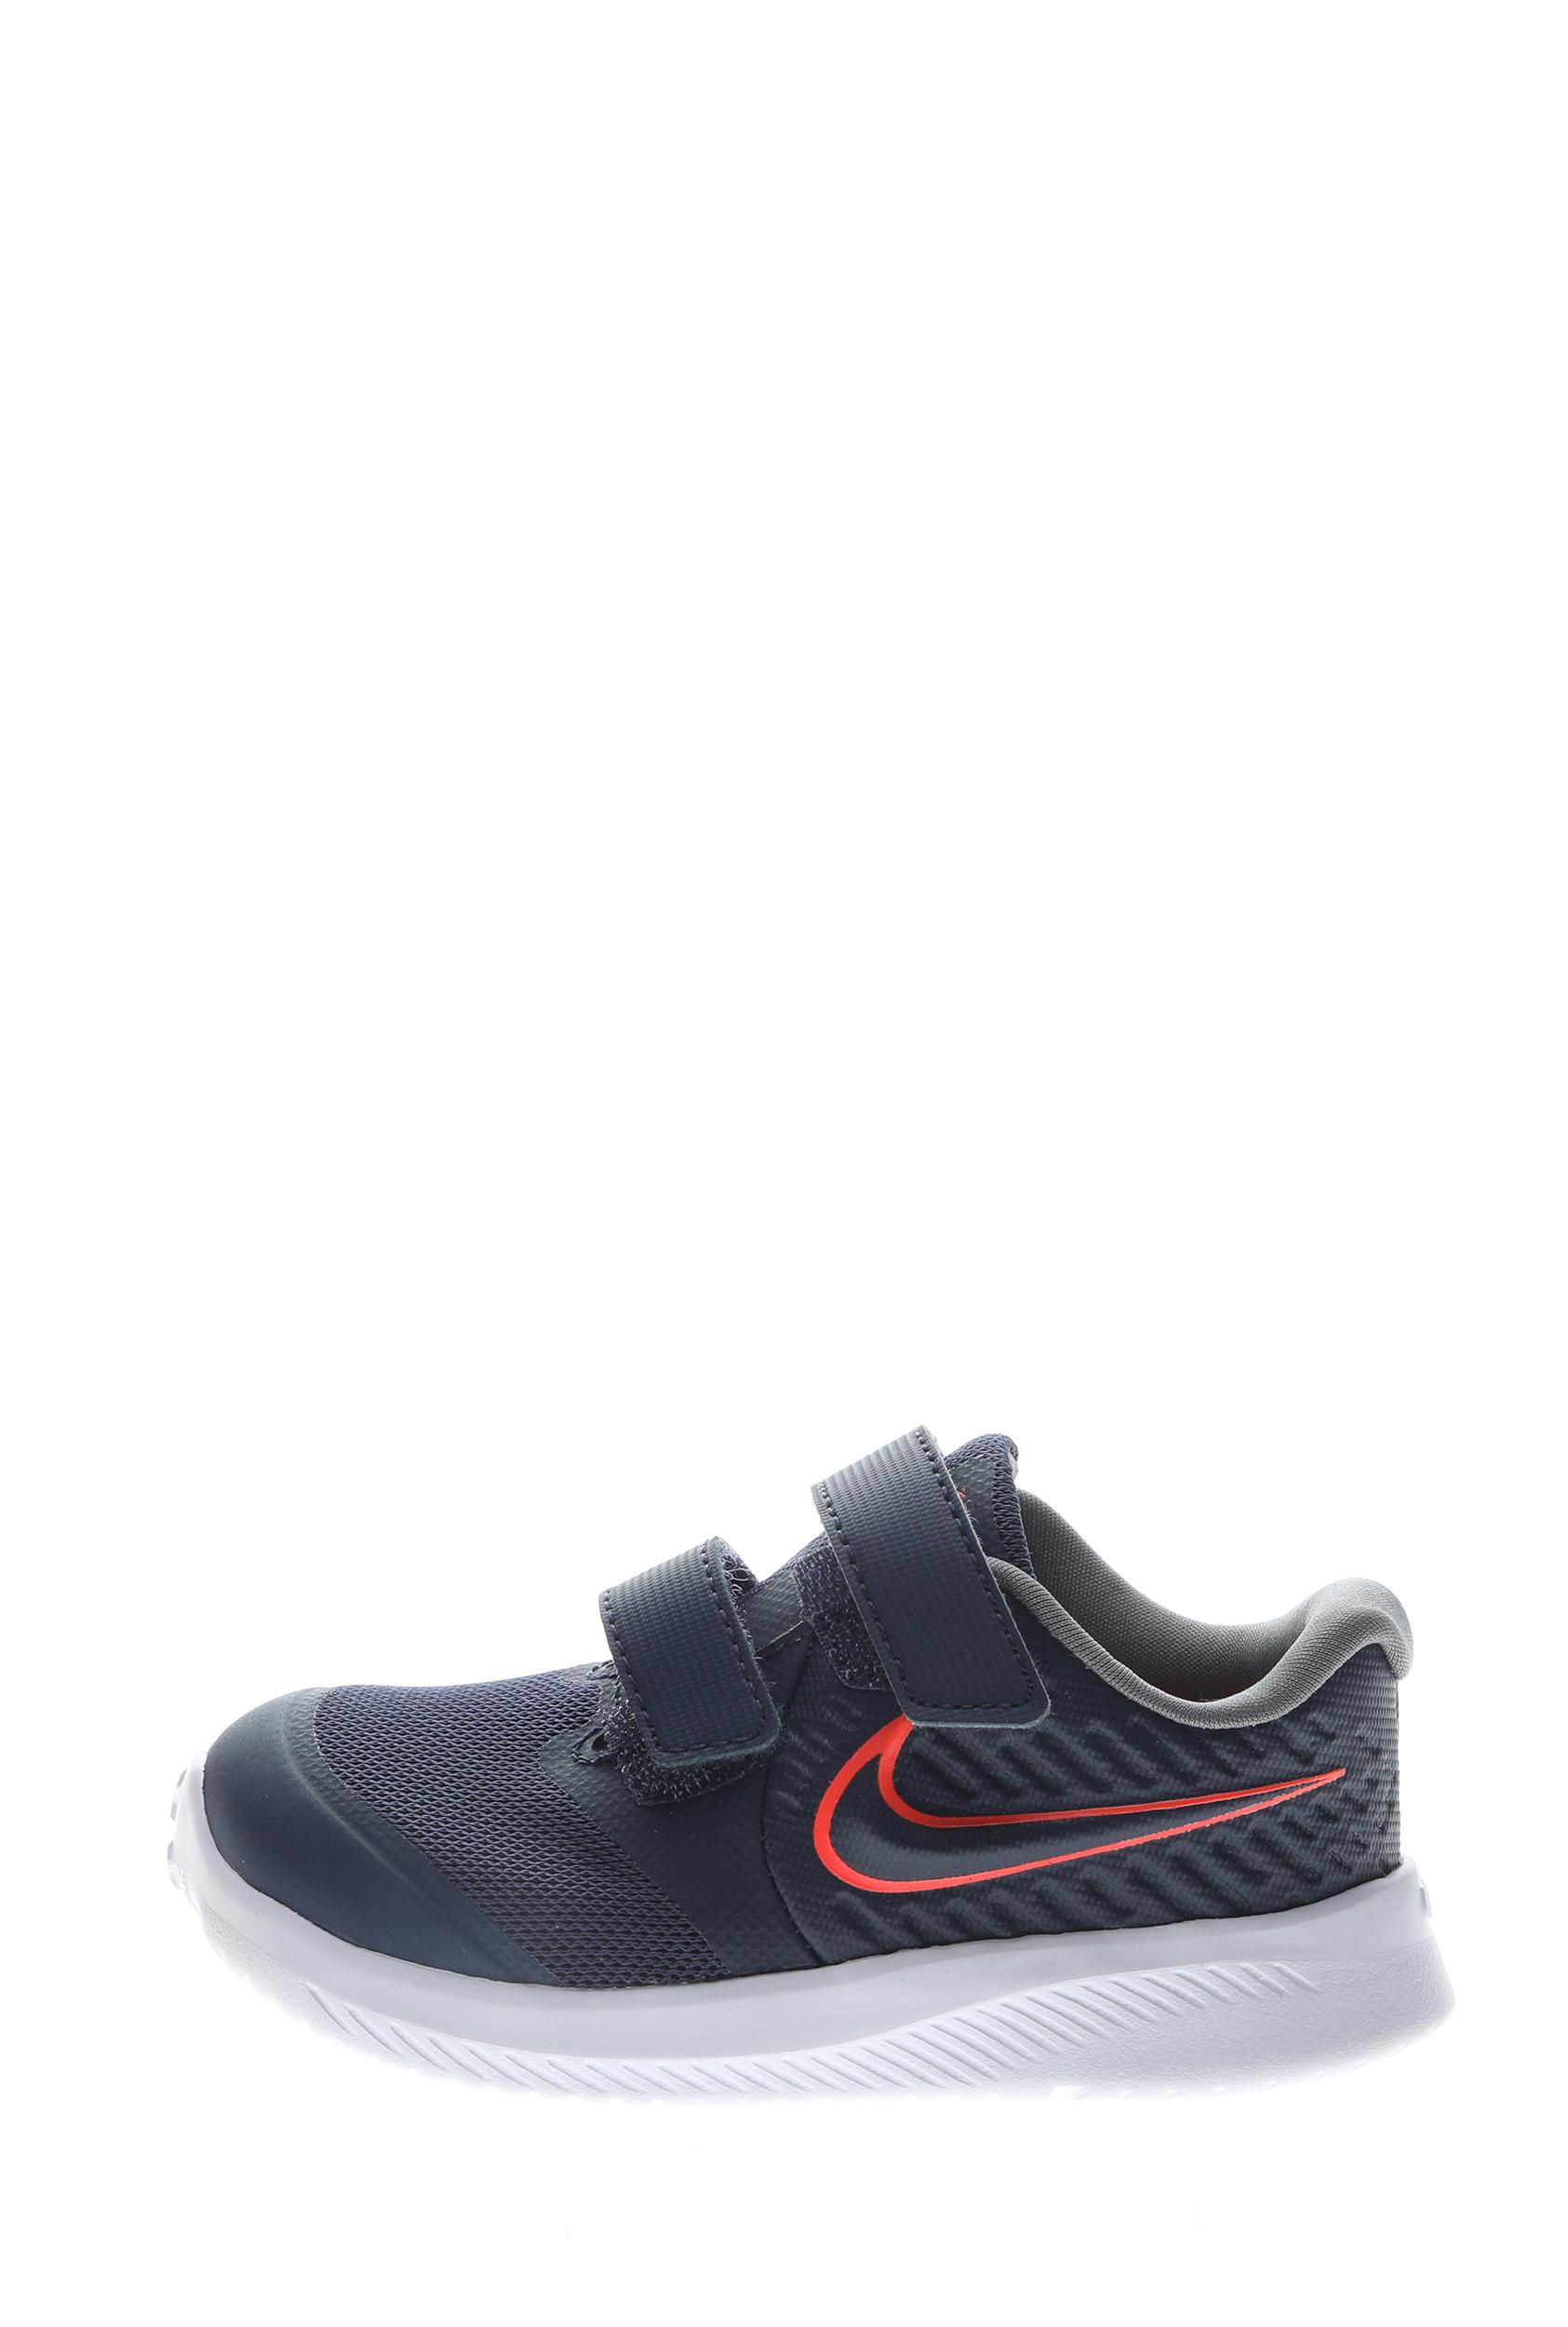 NIKE – Βρεφικά παπούτσια NIKE STAR RUNNER 2 (TDV) μπλε